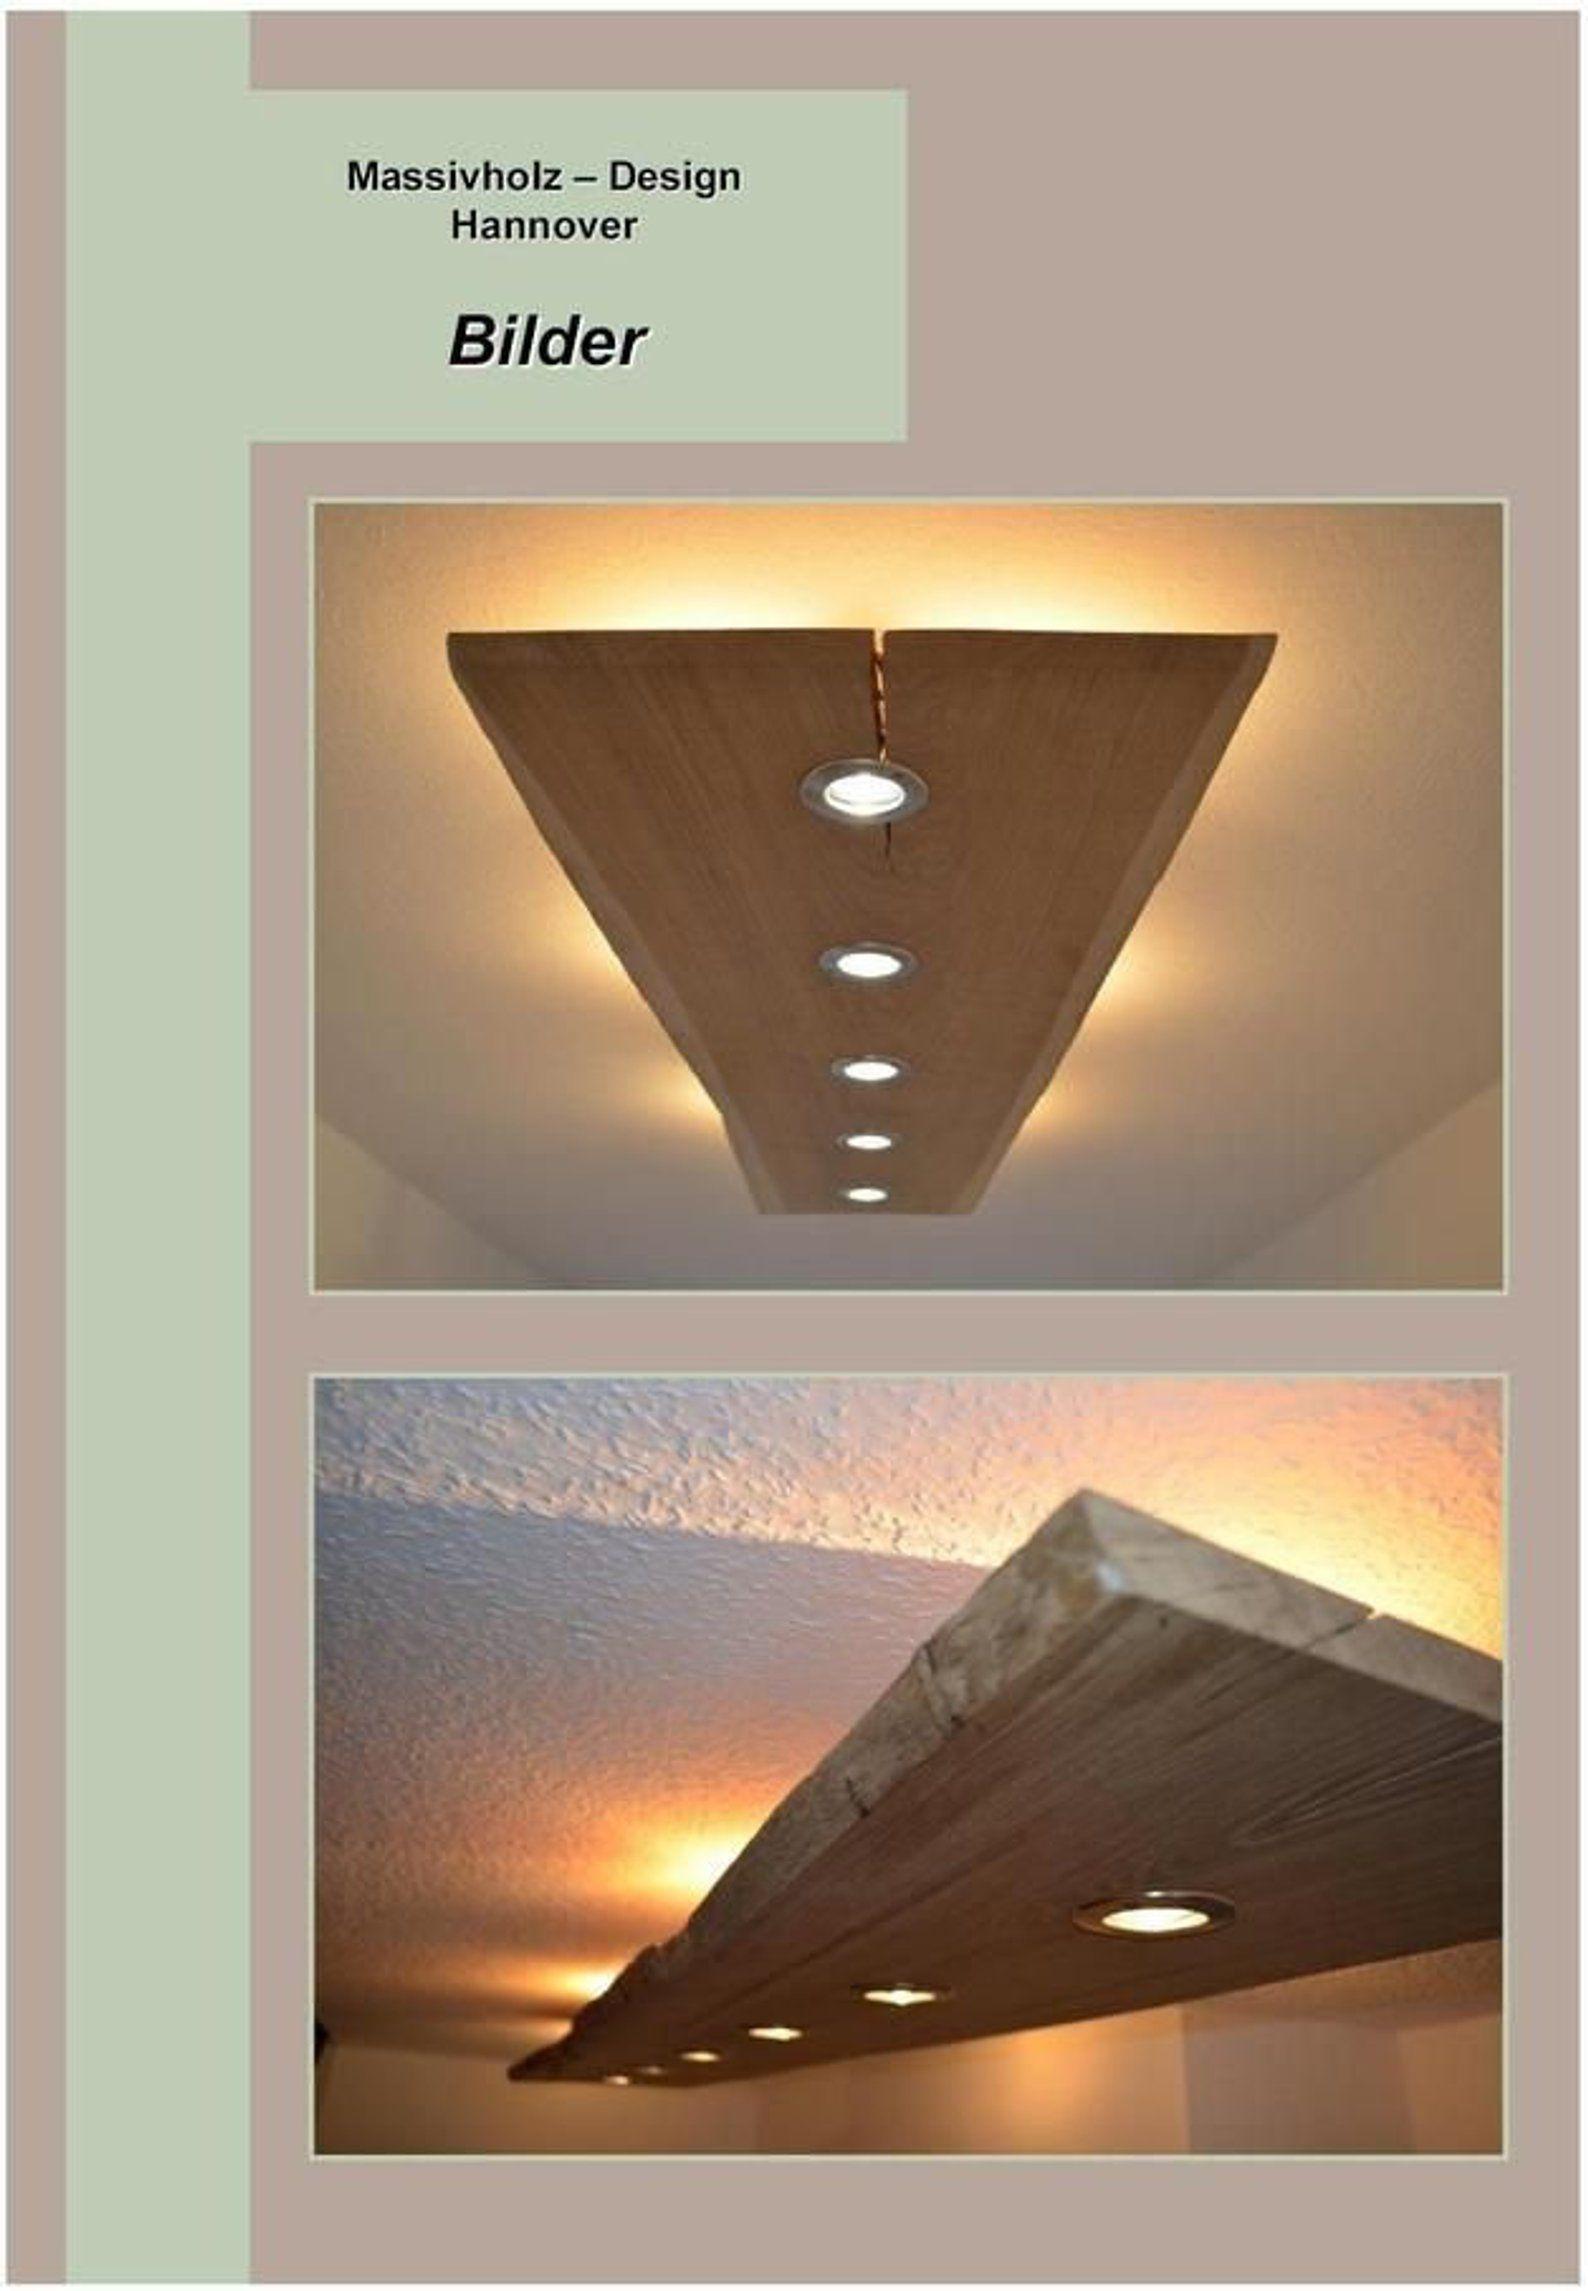 Massiv Holz Design Decken Lampe Led Lampen Beleuchtung Fur Zuhause Und Beleuchtungsideen